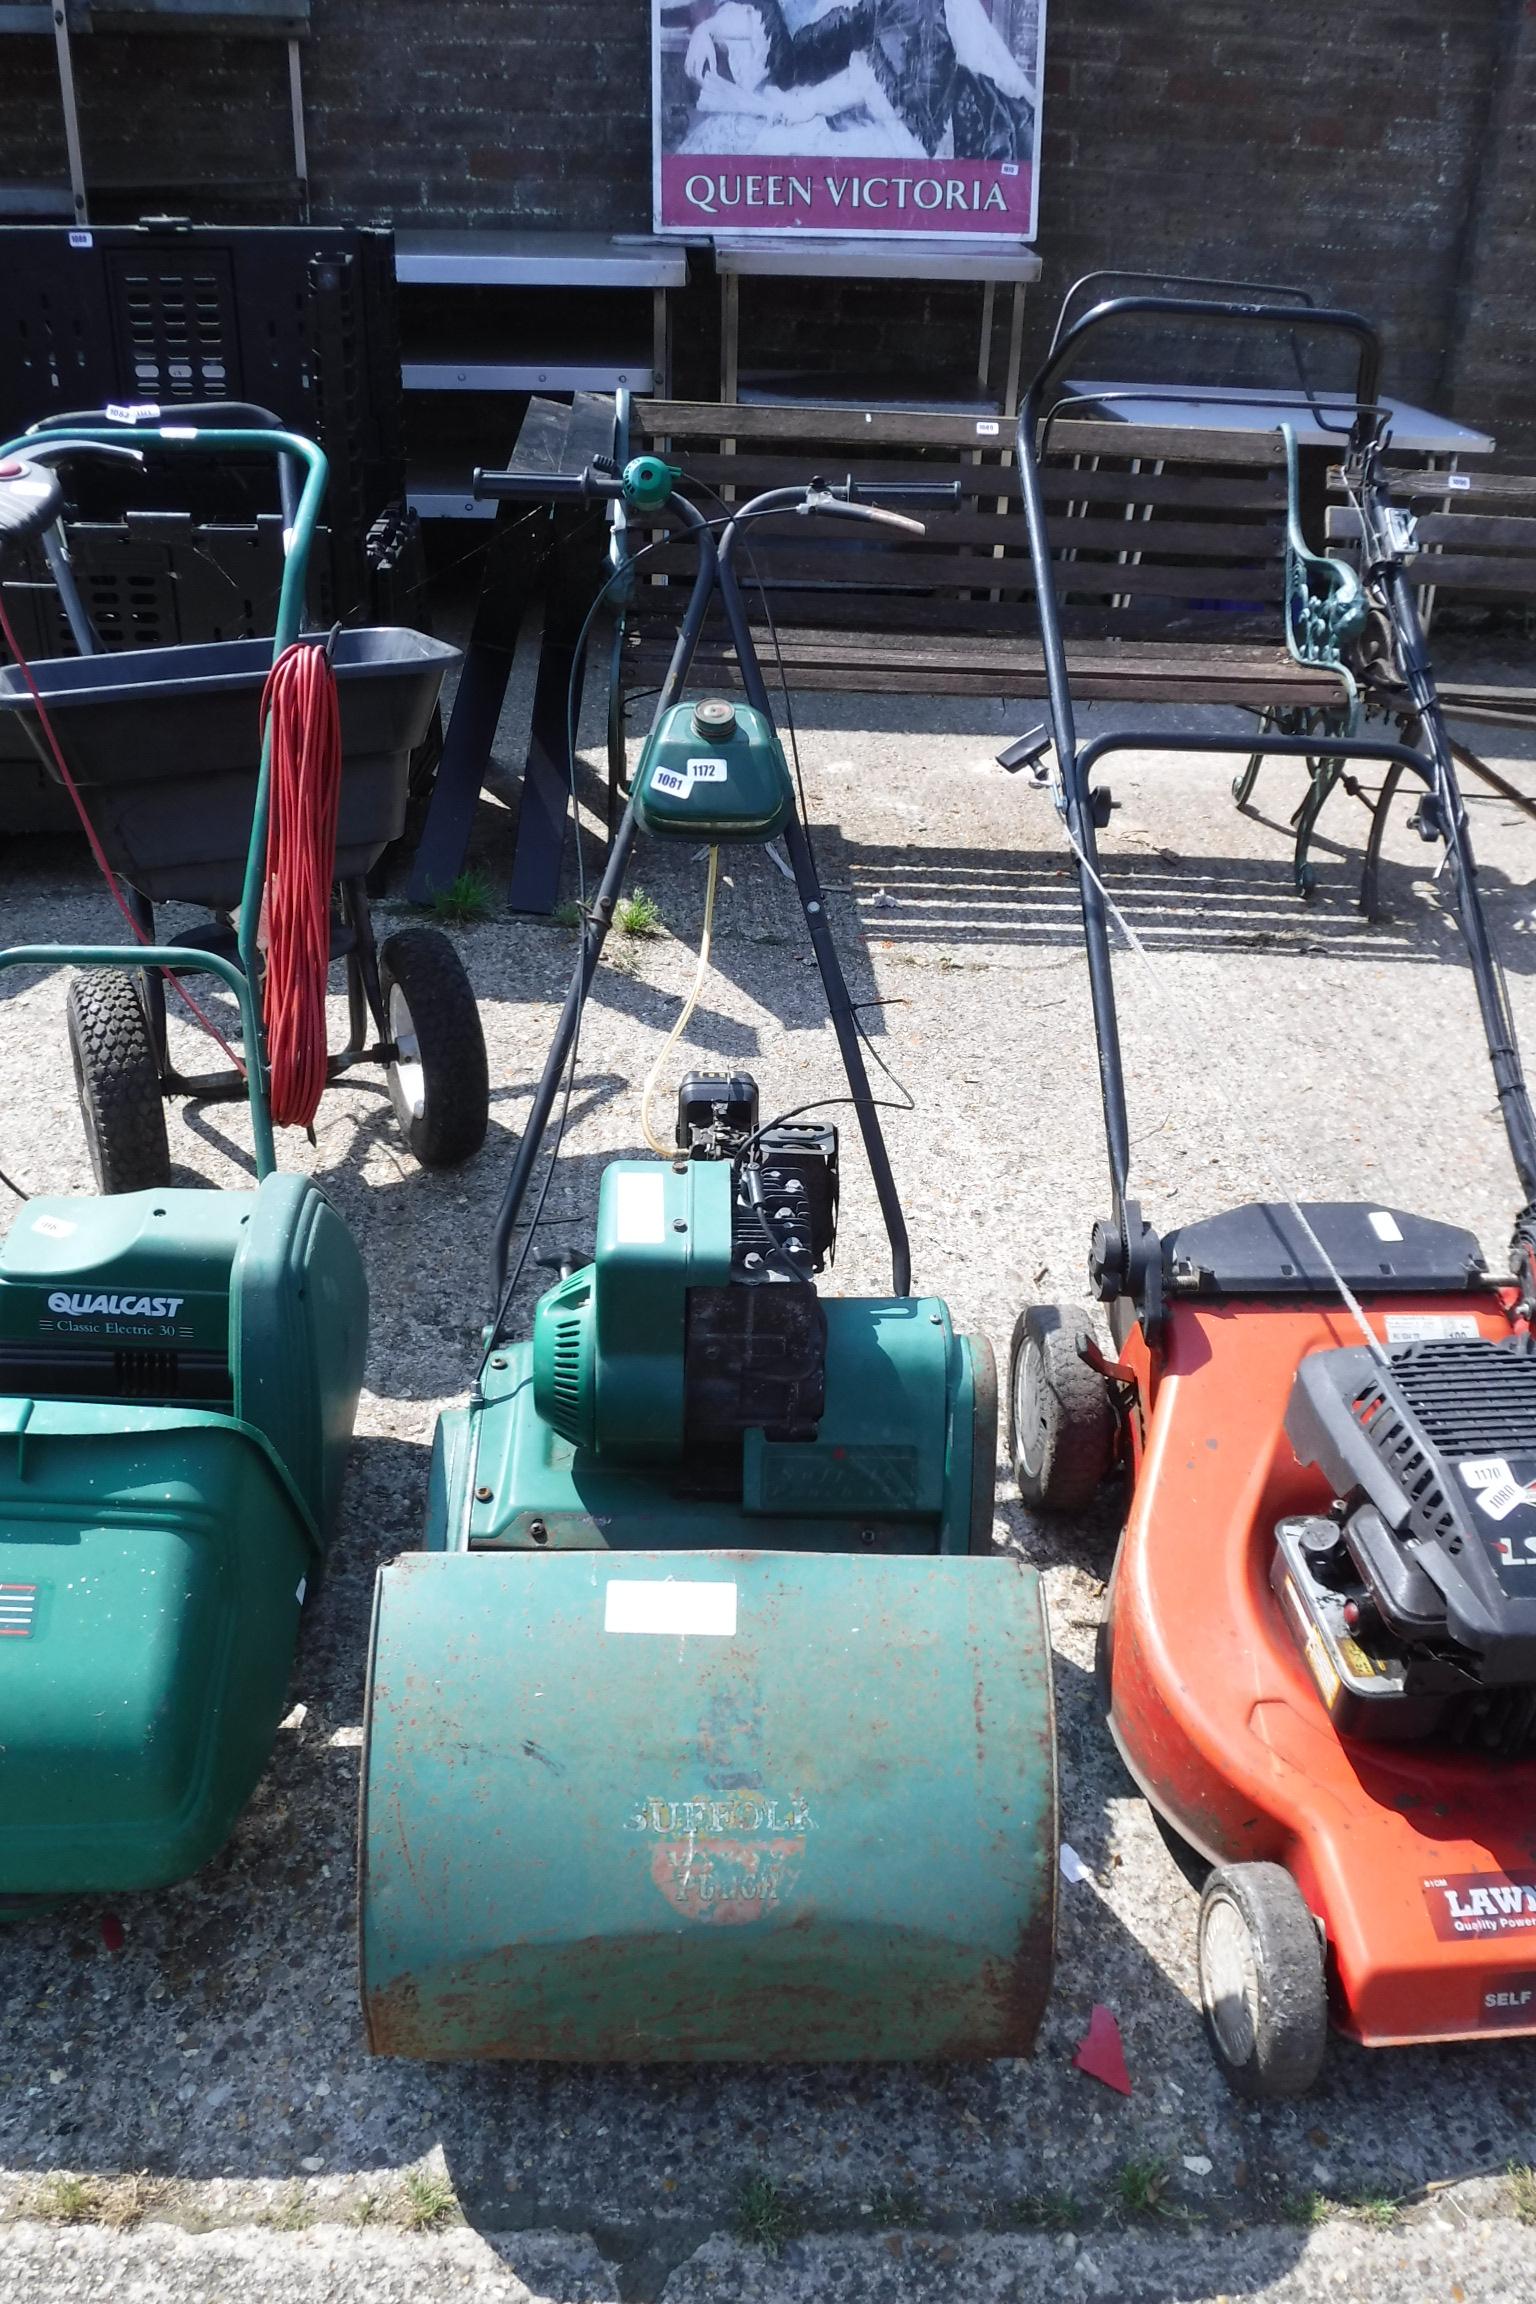 (1172) Suffolk Punch petrol lawn mower